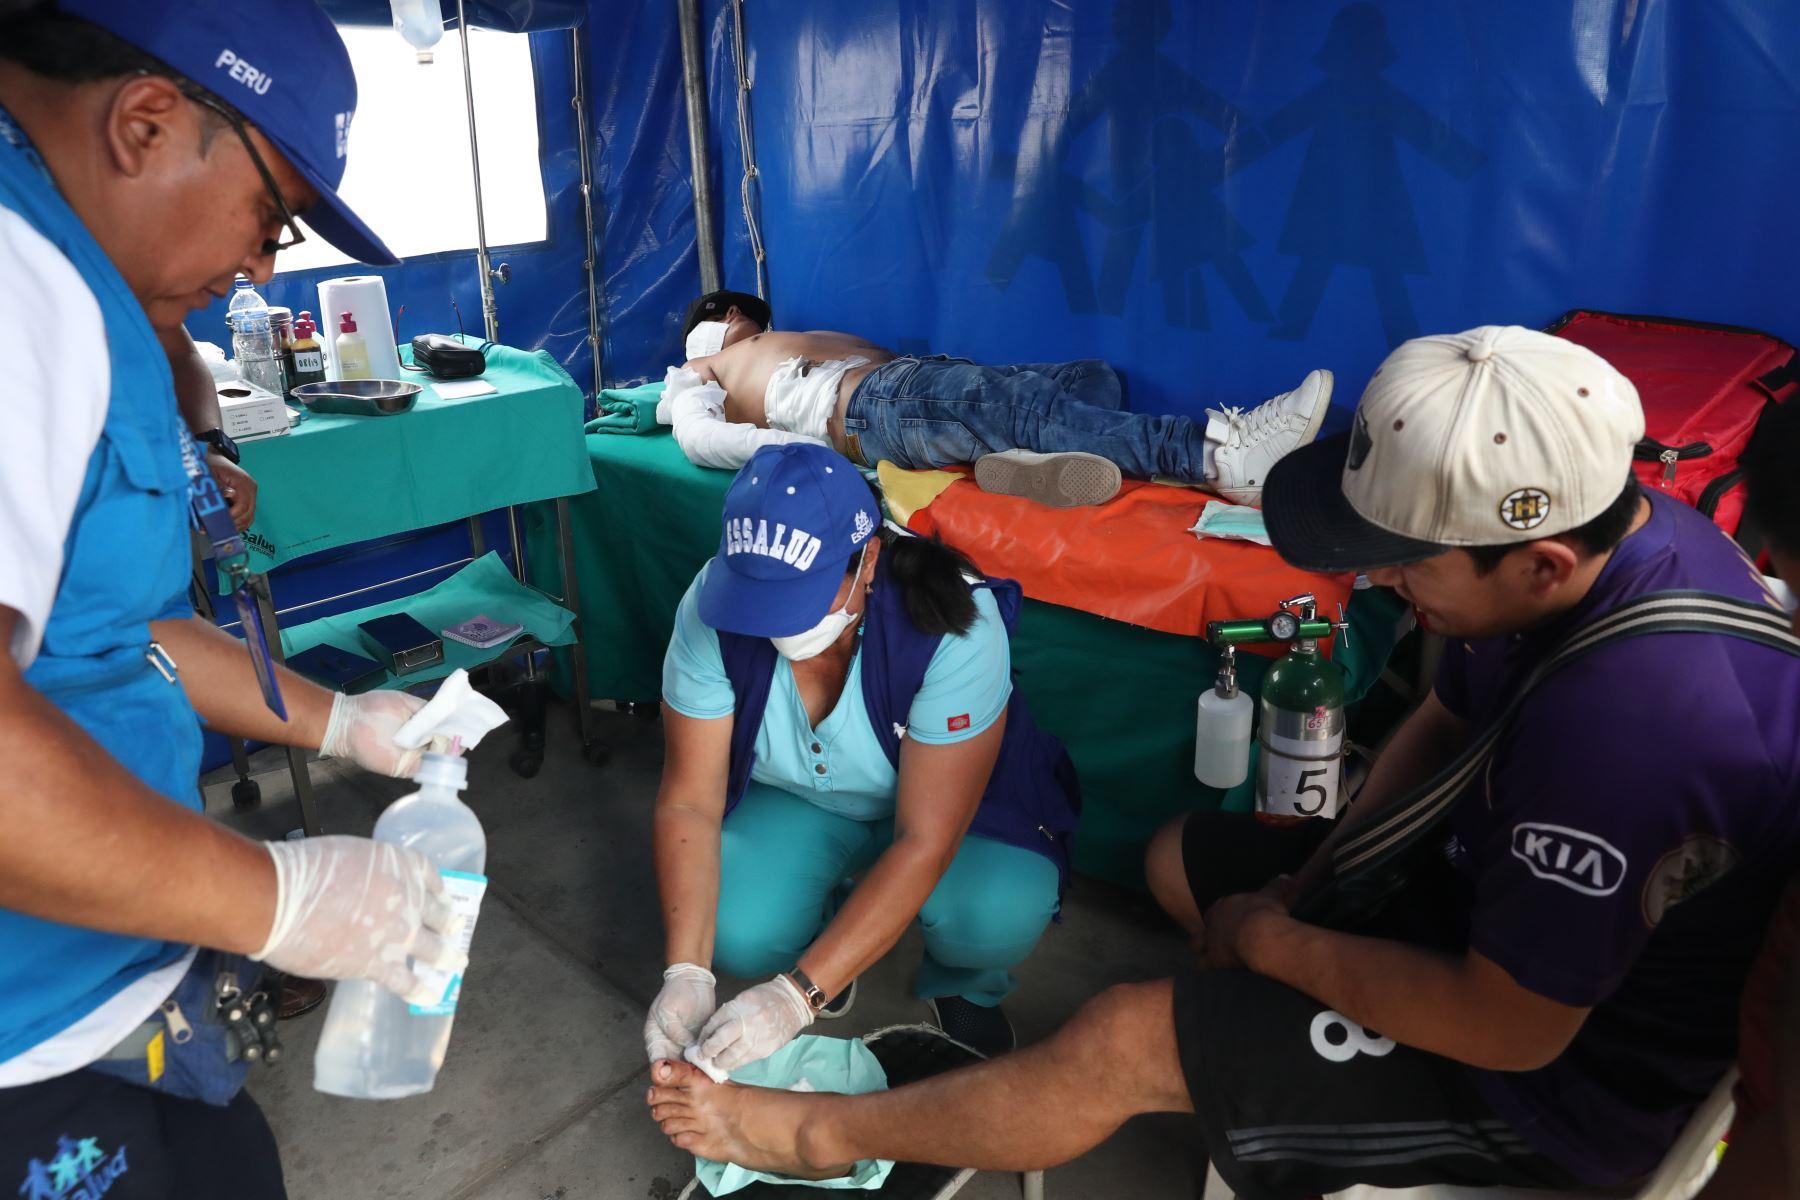 Médicos y enfermeras del Ministerio de Salud, atienden a los heridos tras explosión de camiones de gas en Villa el Salvador. Foto :ANDINA /Melina Mejia